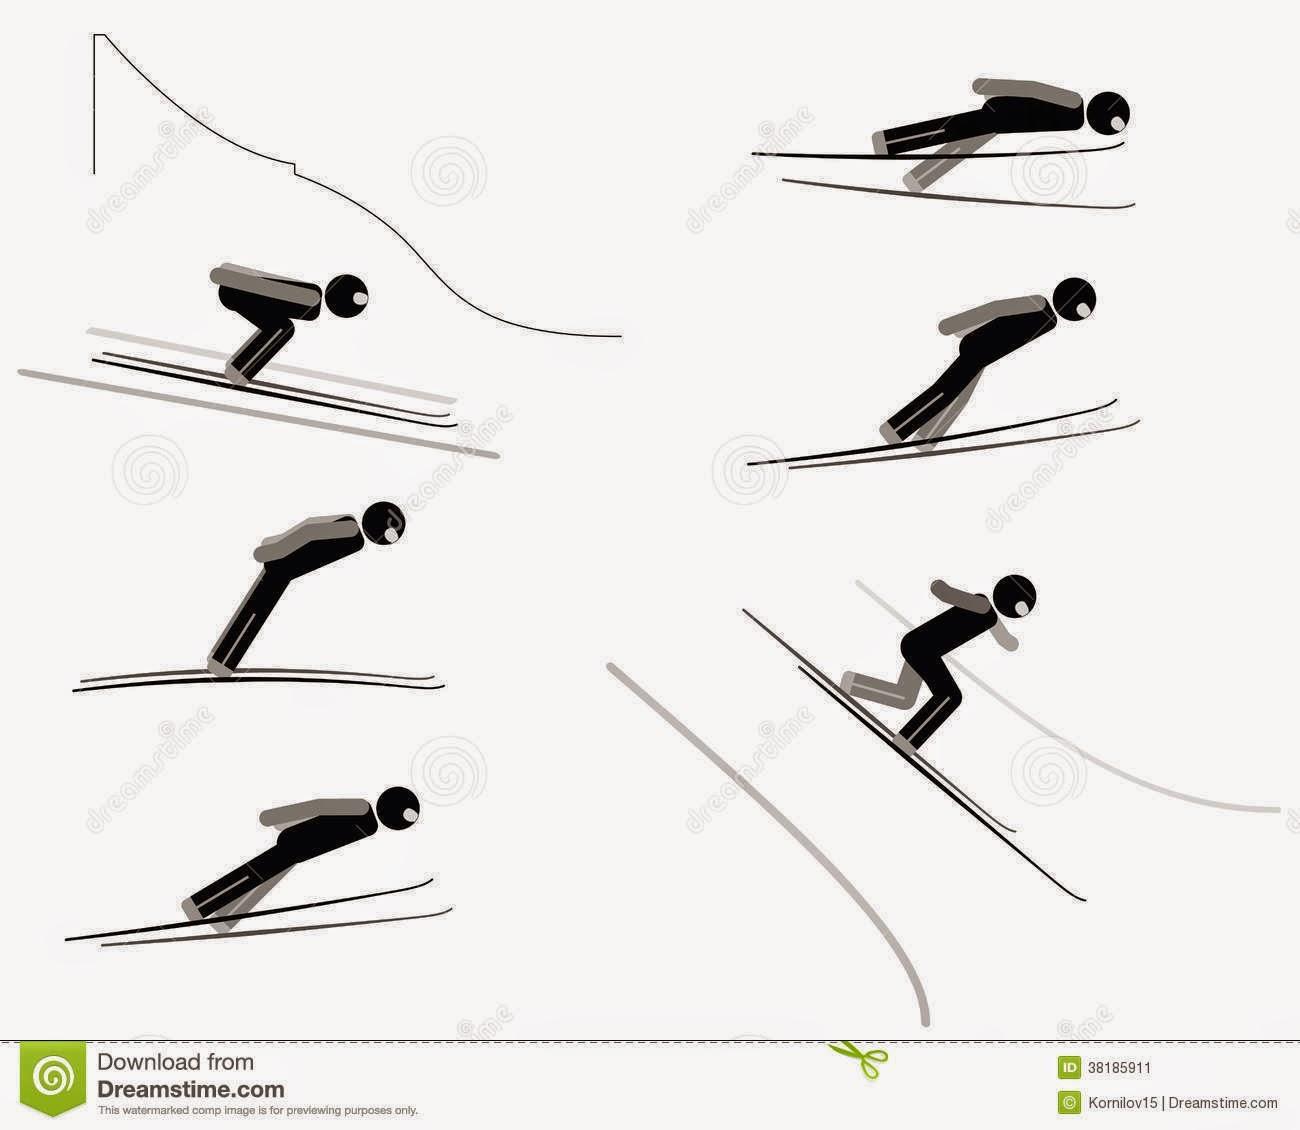 Salto de esqui, deportes de invierno, olimpiadas de invierno, imagenes de salto de esqui